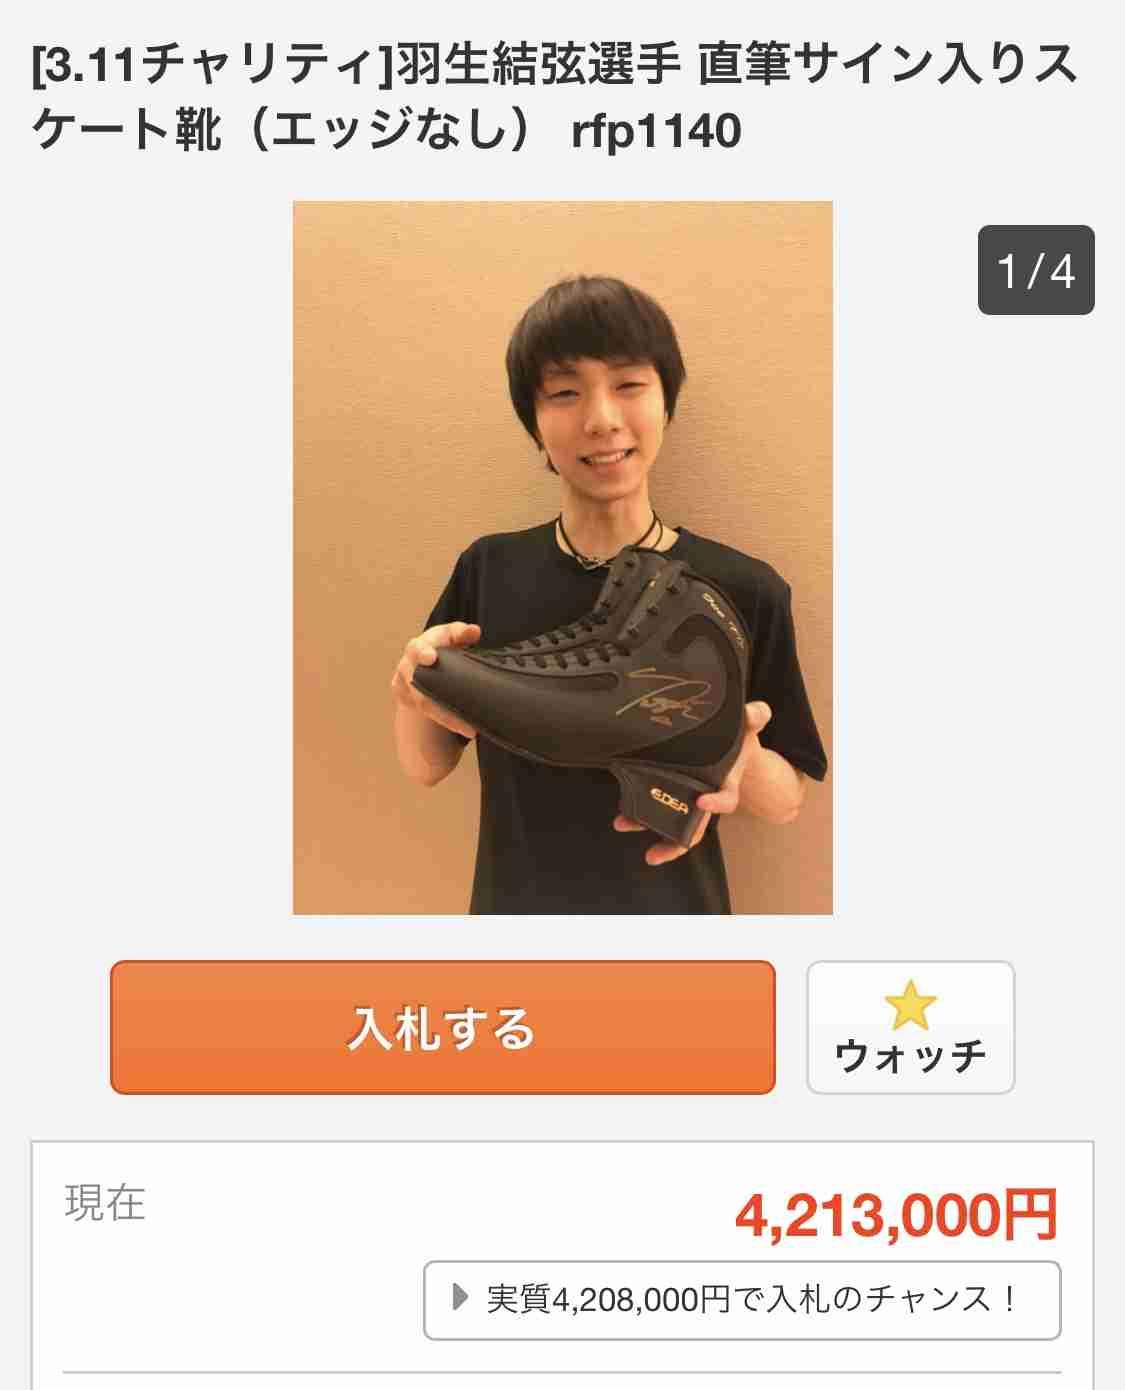 羽生結弦のスケート靴、わずか1日で3000万円超え 3.11チャリティオークションに出品